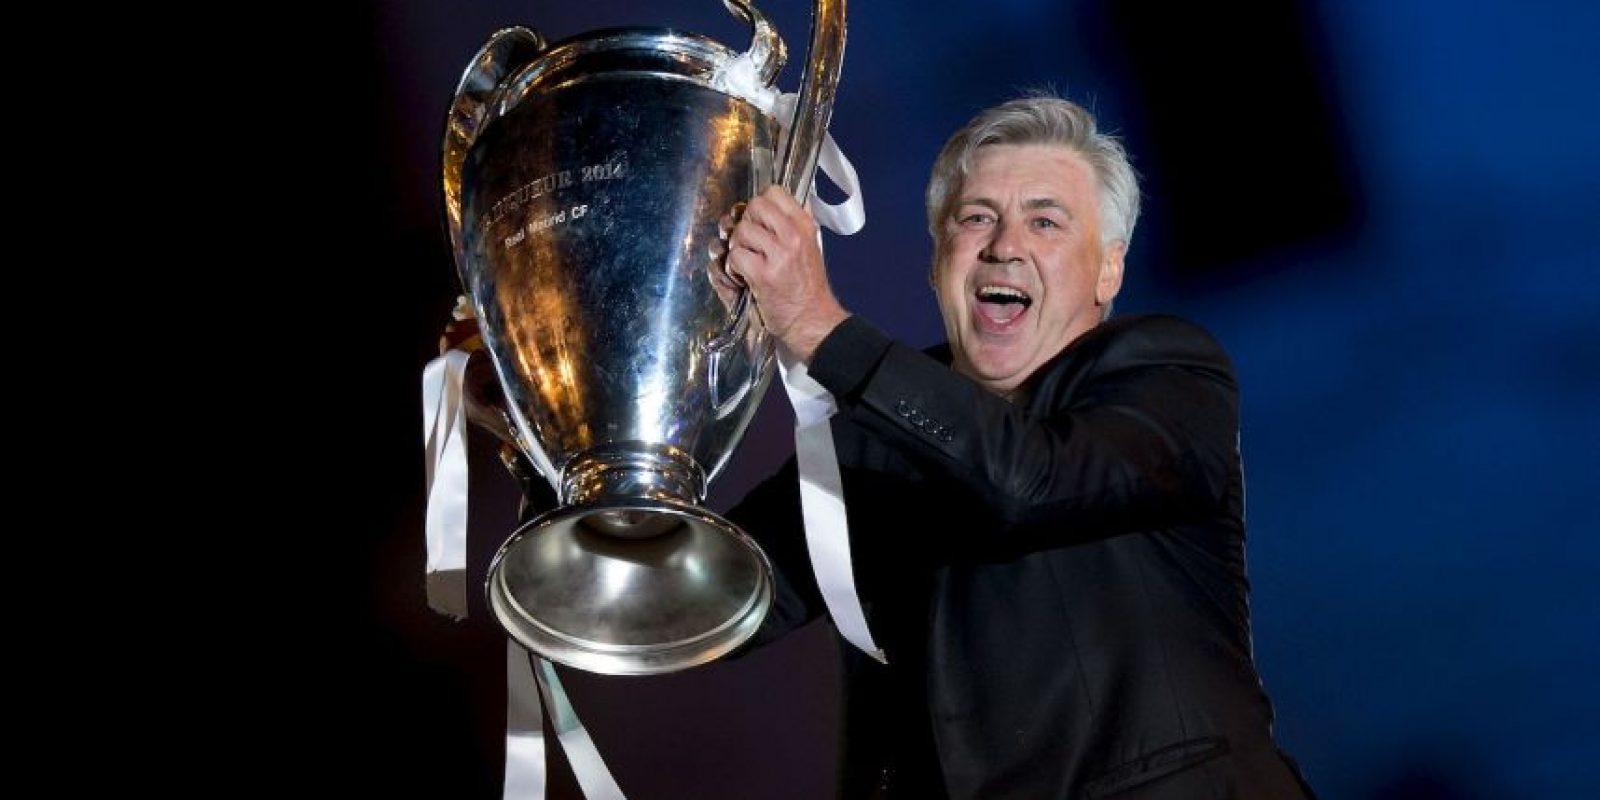 Carlo Ancelotti se despidió del Real Madrid, pero quedará en el corazón de aficionados y jugadores. El entrenador italiano en sólo dos años se ganó el cariño y el respeto de casi el 100% del madridismo. Foto:Getty Images